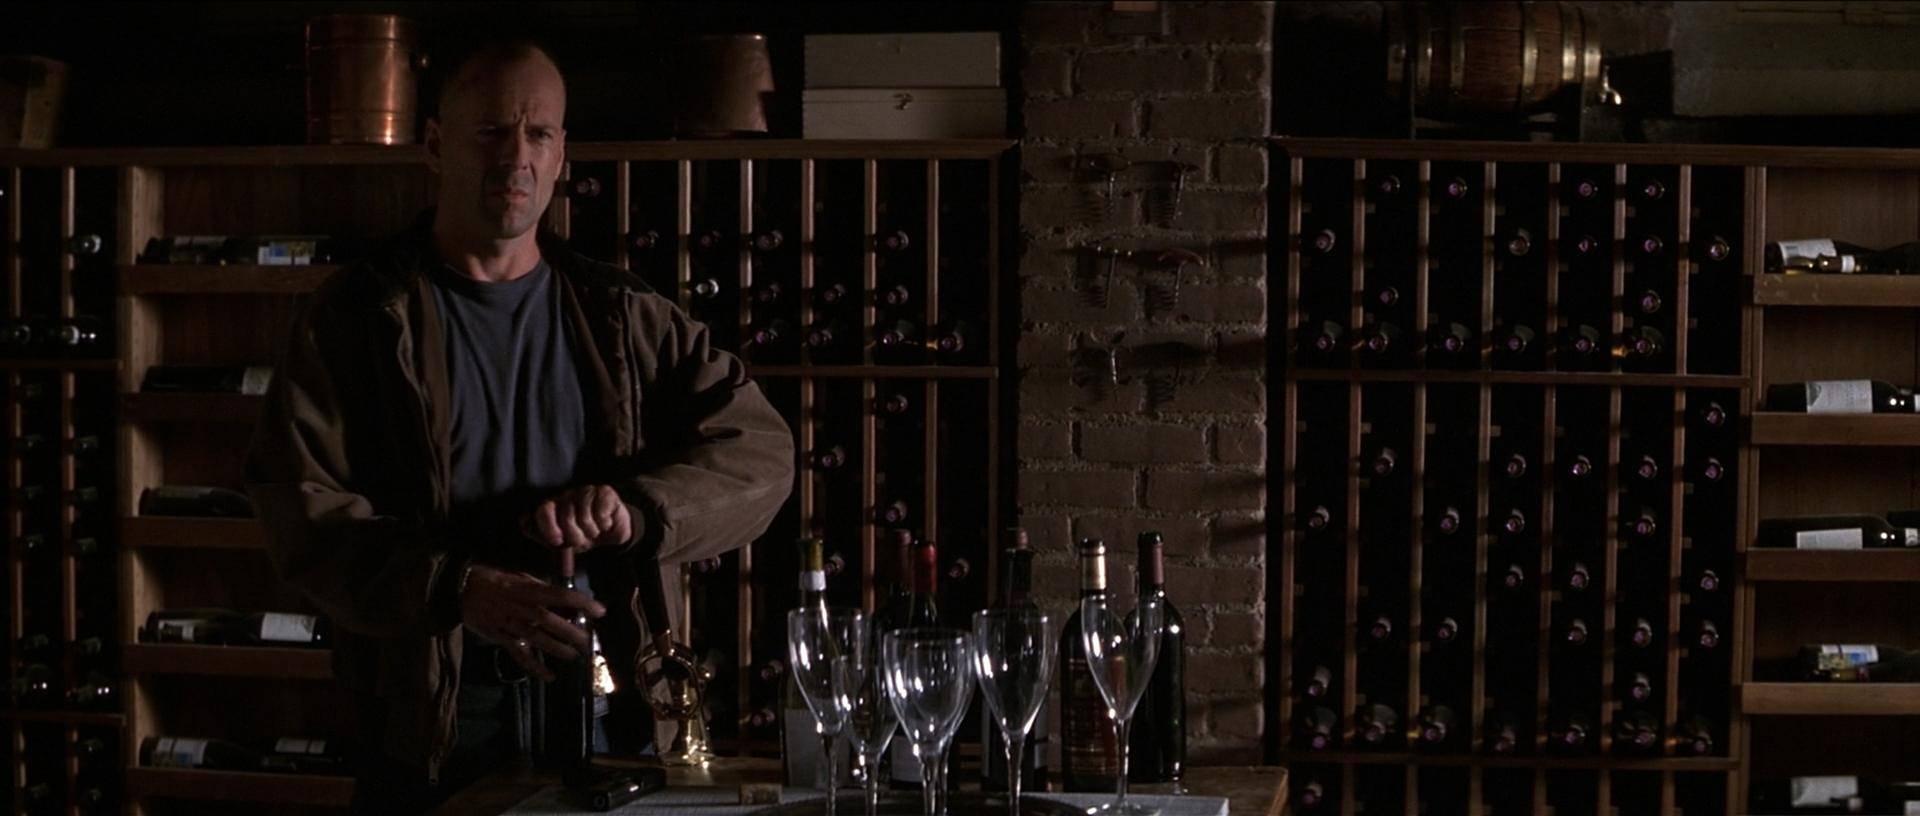 35 фильмов про вино. часть ii   виношная   яндекс дзен